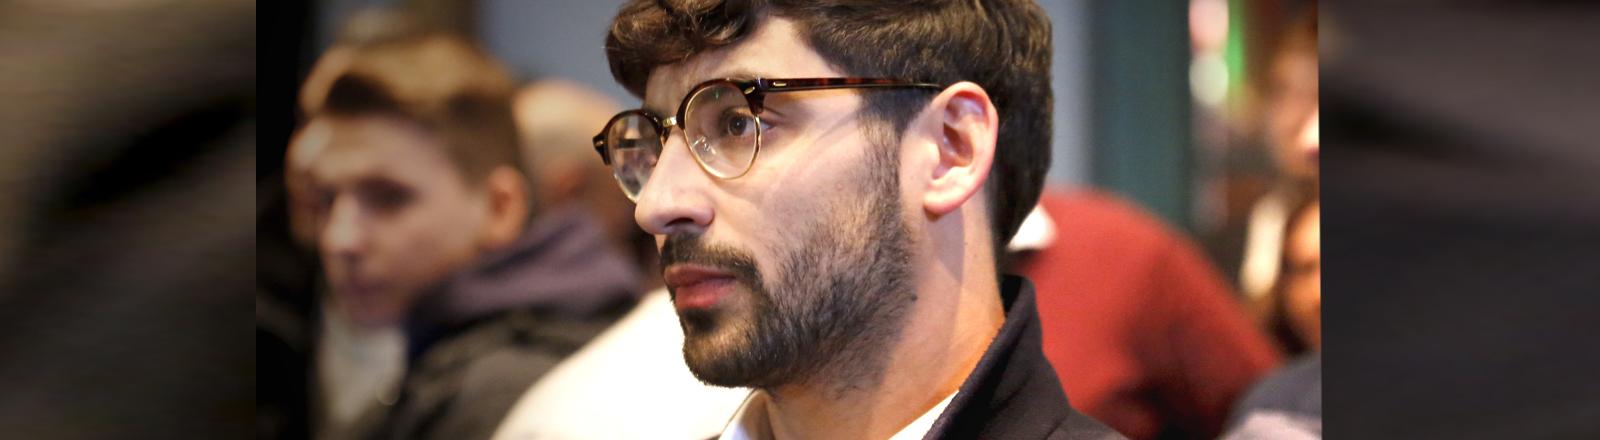 Ein junger Mann mit Bart und Brille